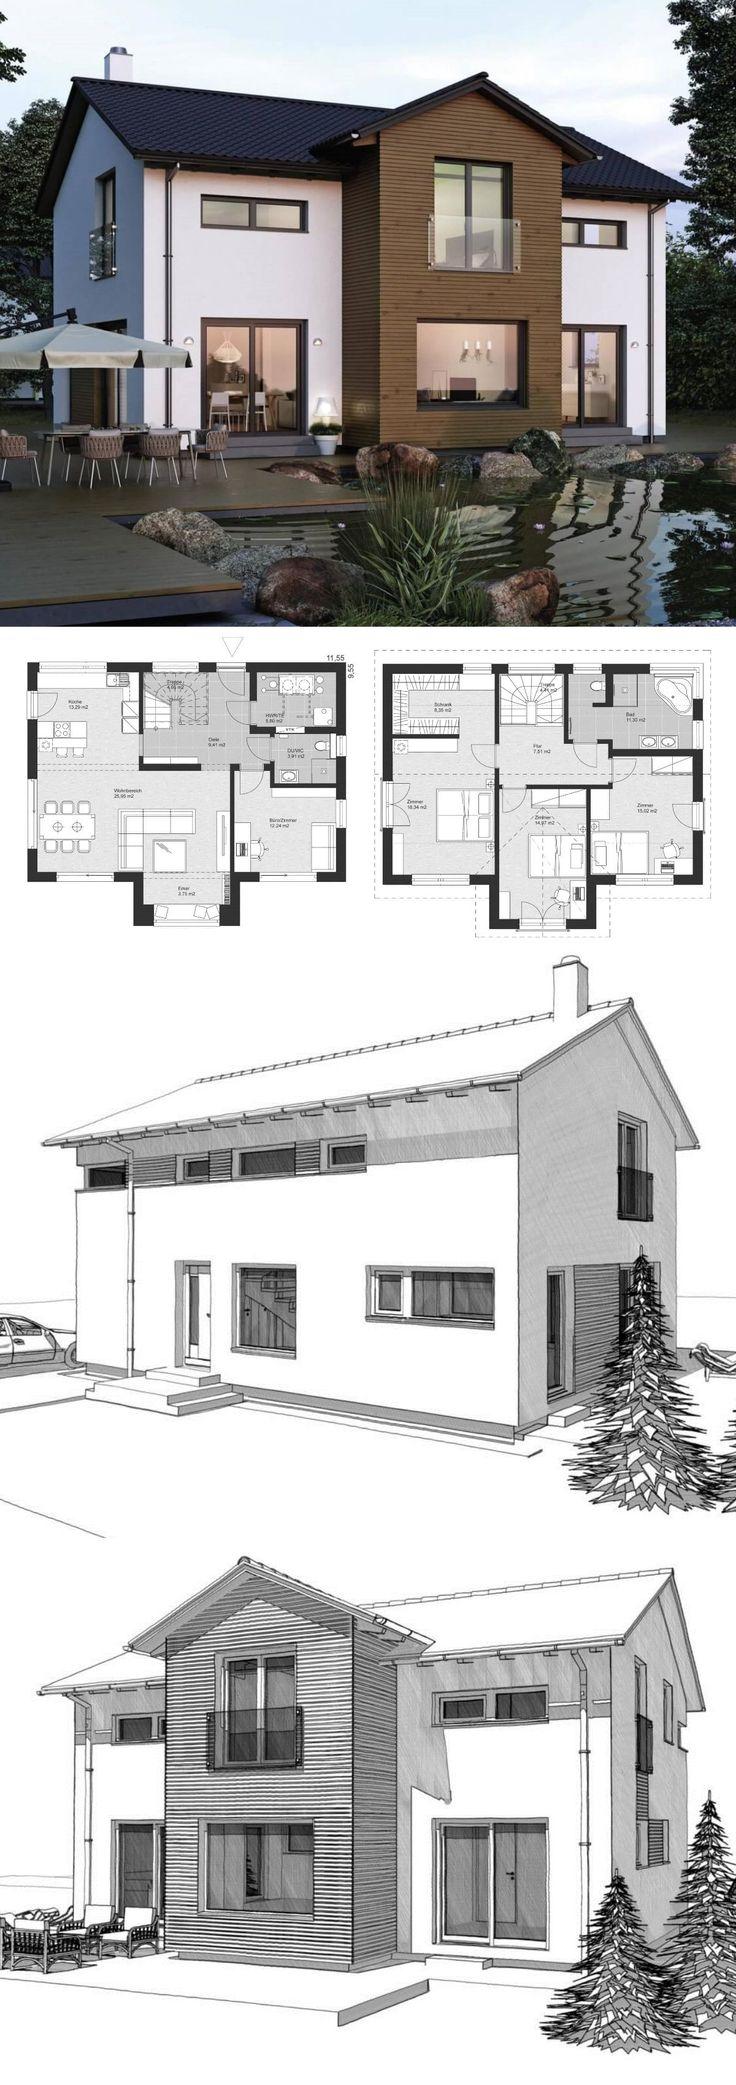 Modernes Einfamilienhaus mit Satteldach Architektu…